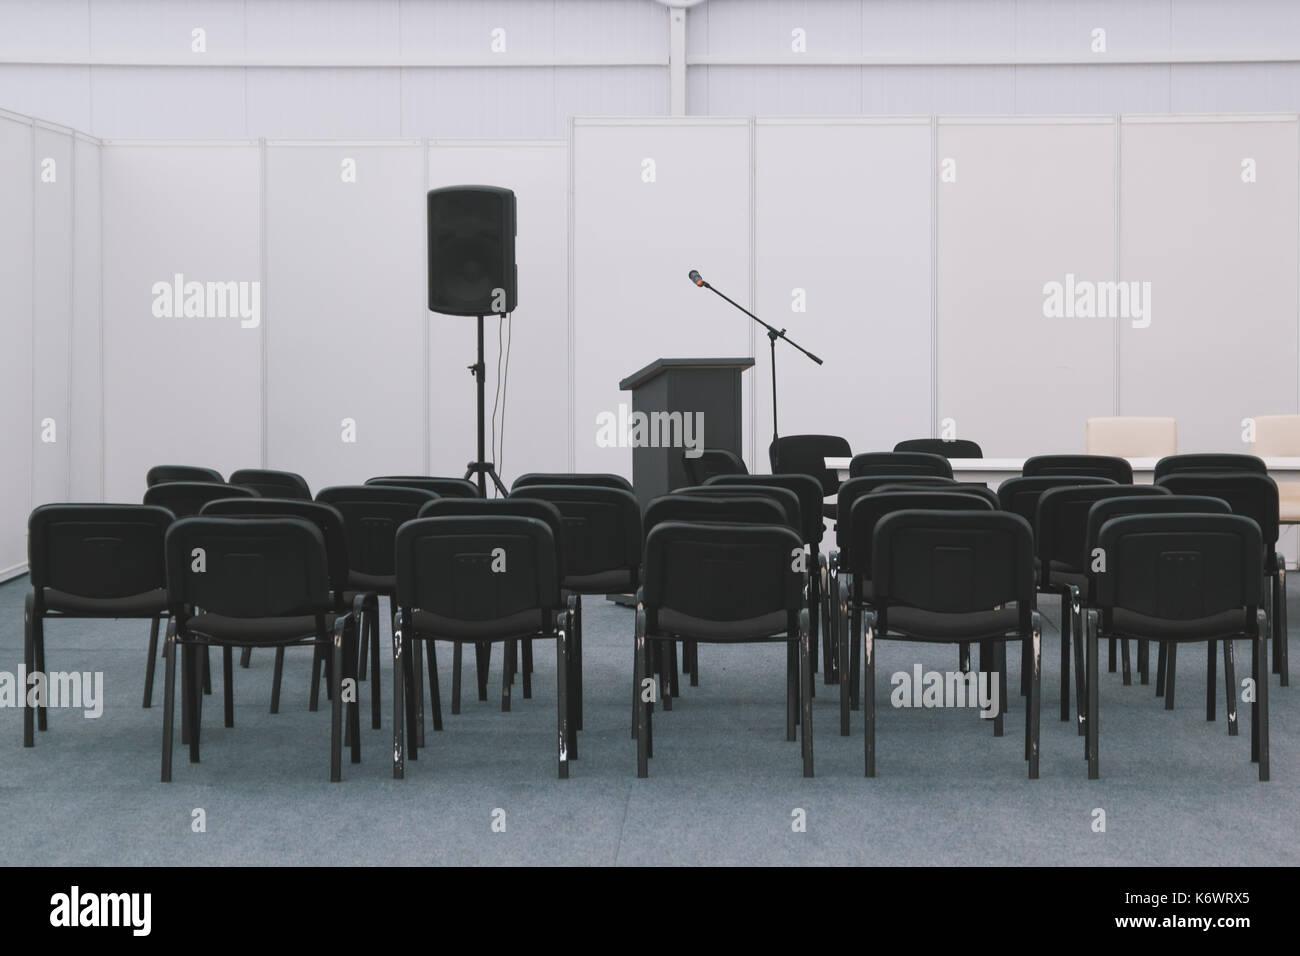 Un montón de sillas de reunión o salón de conferencias Imagen De Stock